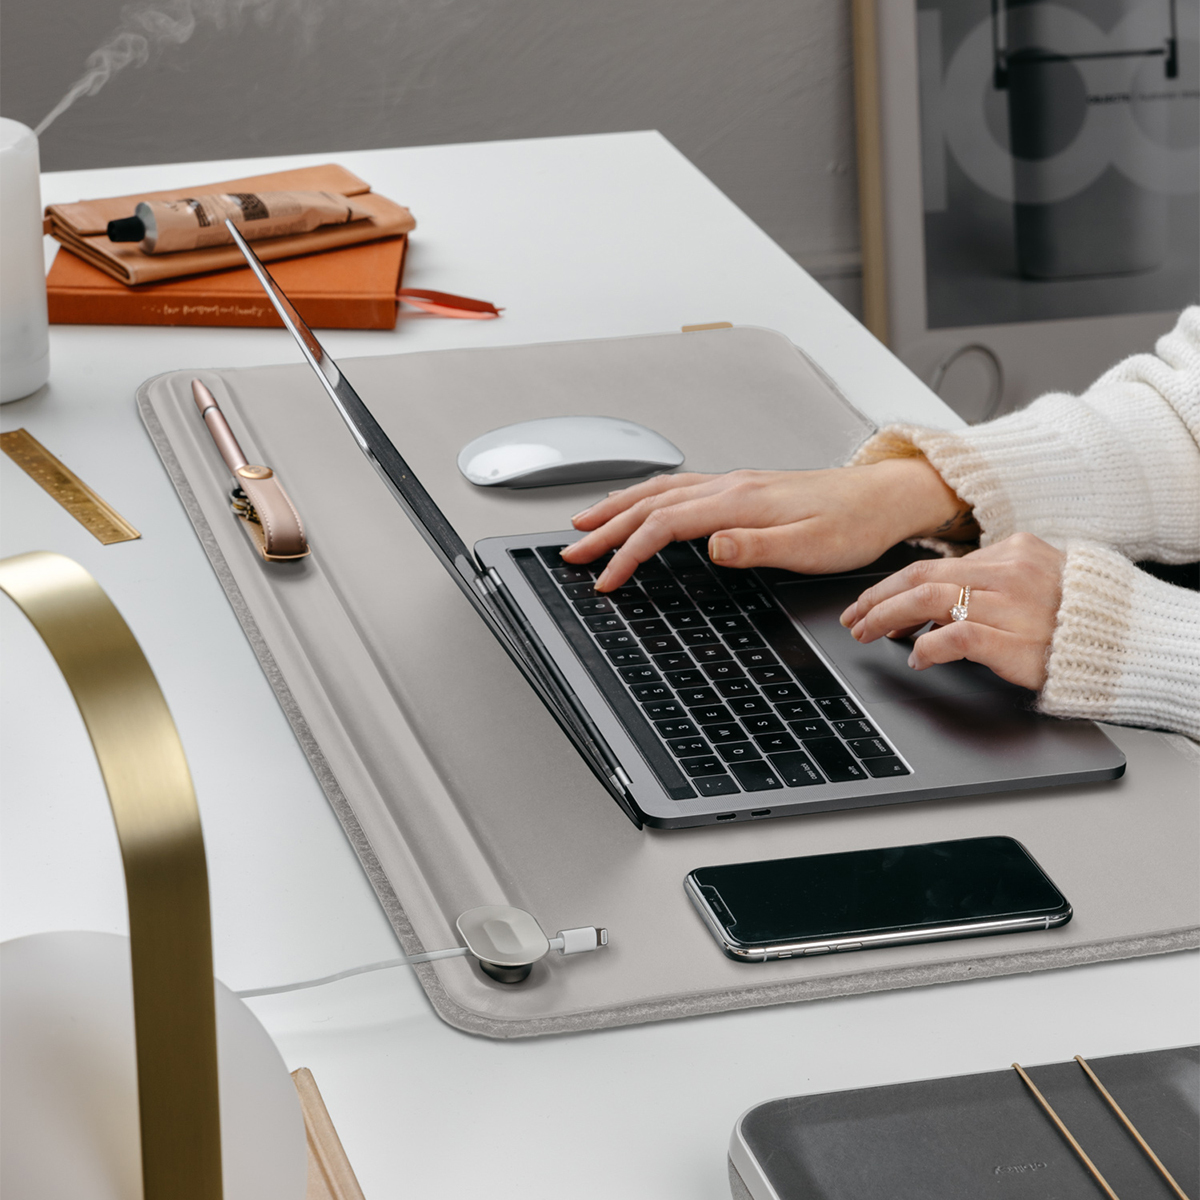 テレワーク効率化グッズで、快適な仕事環境に整える